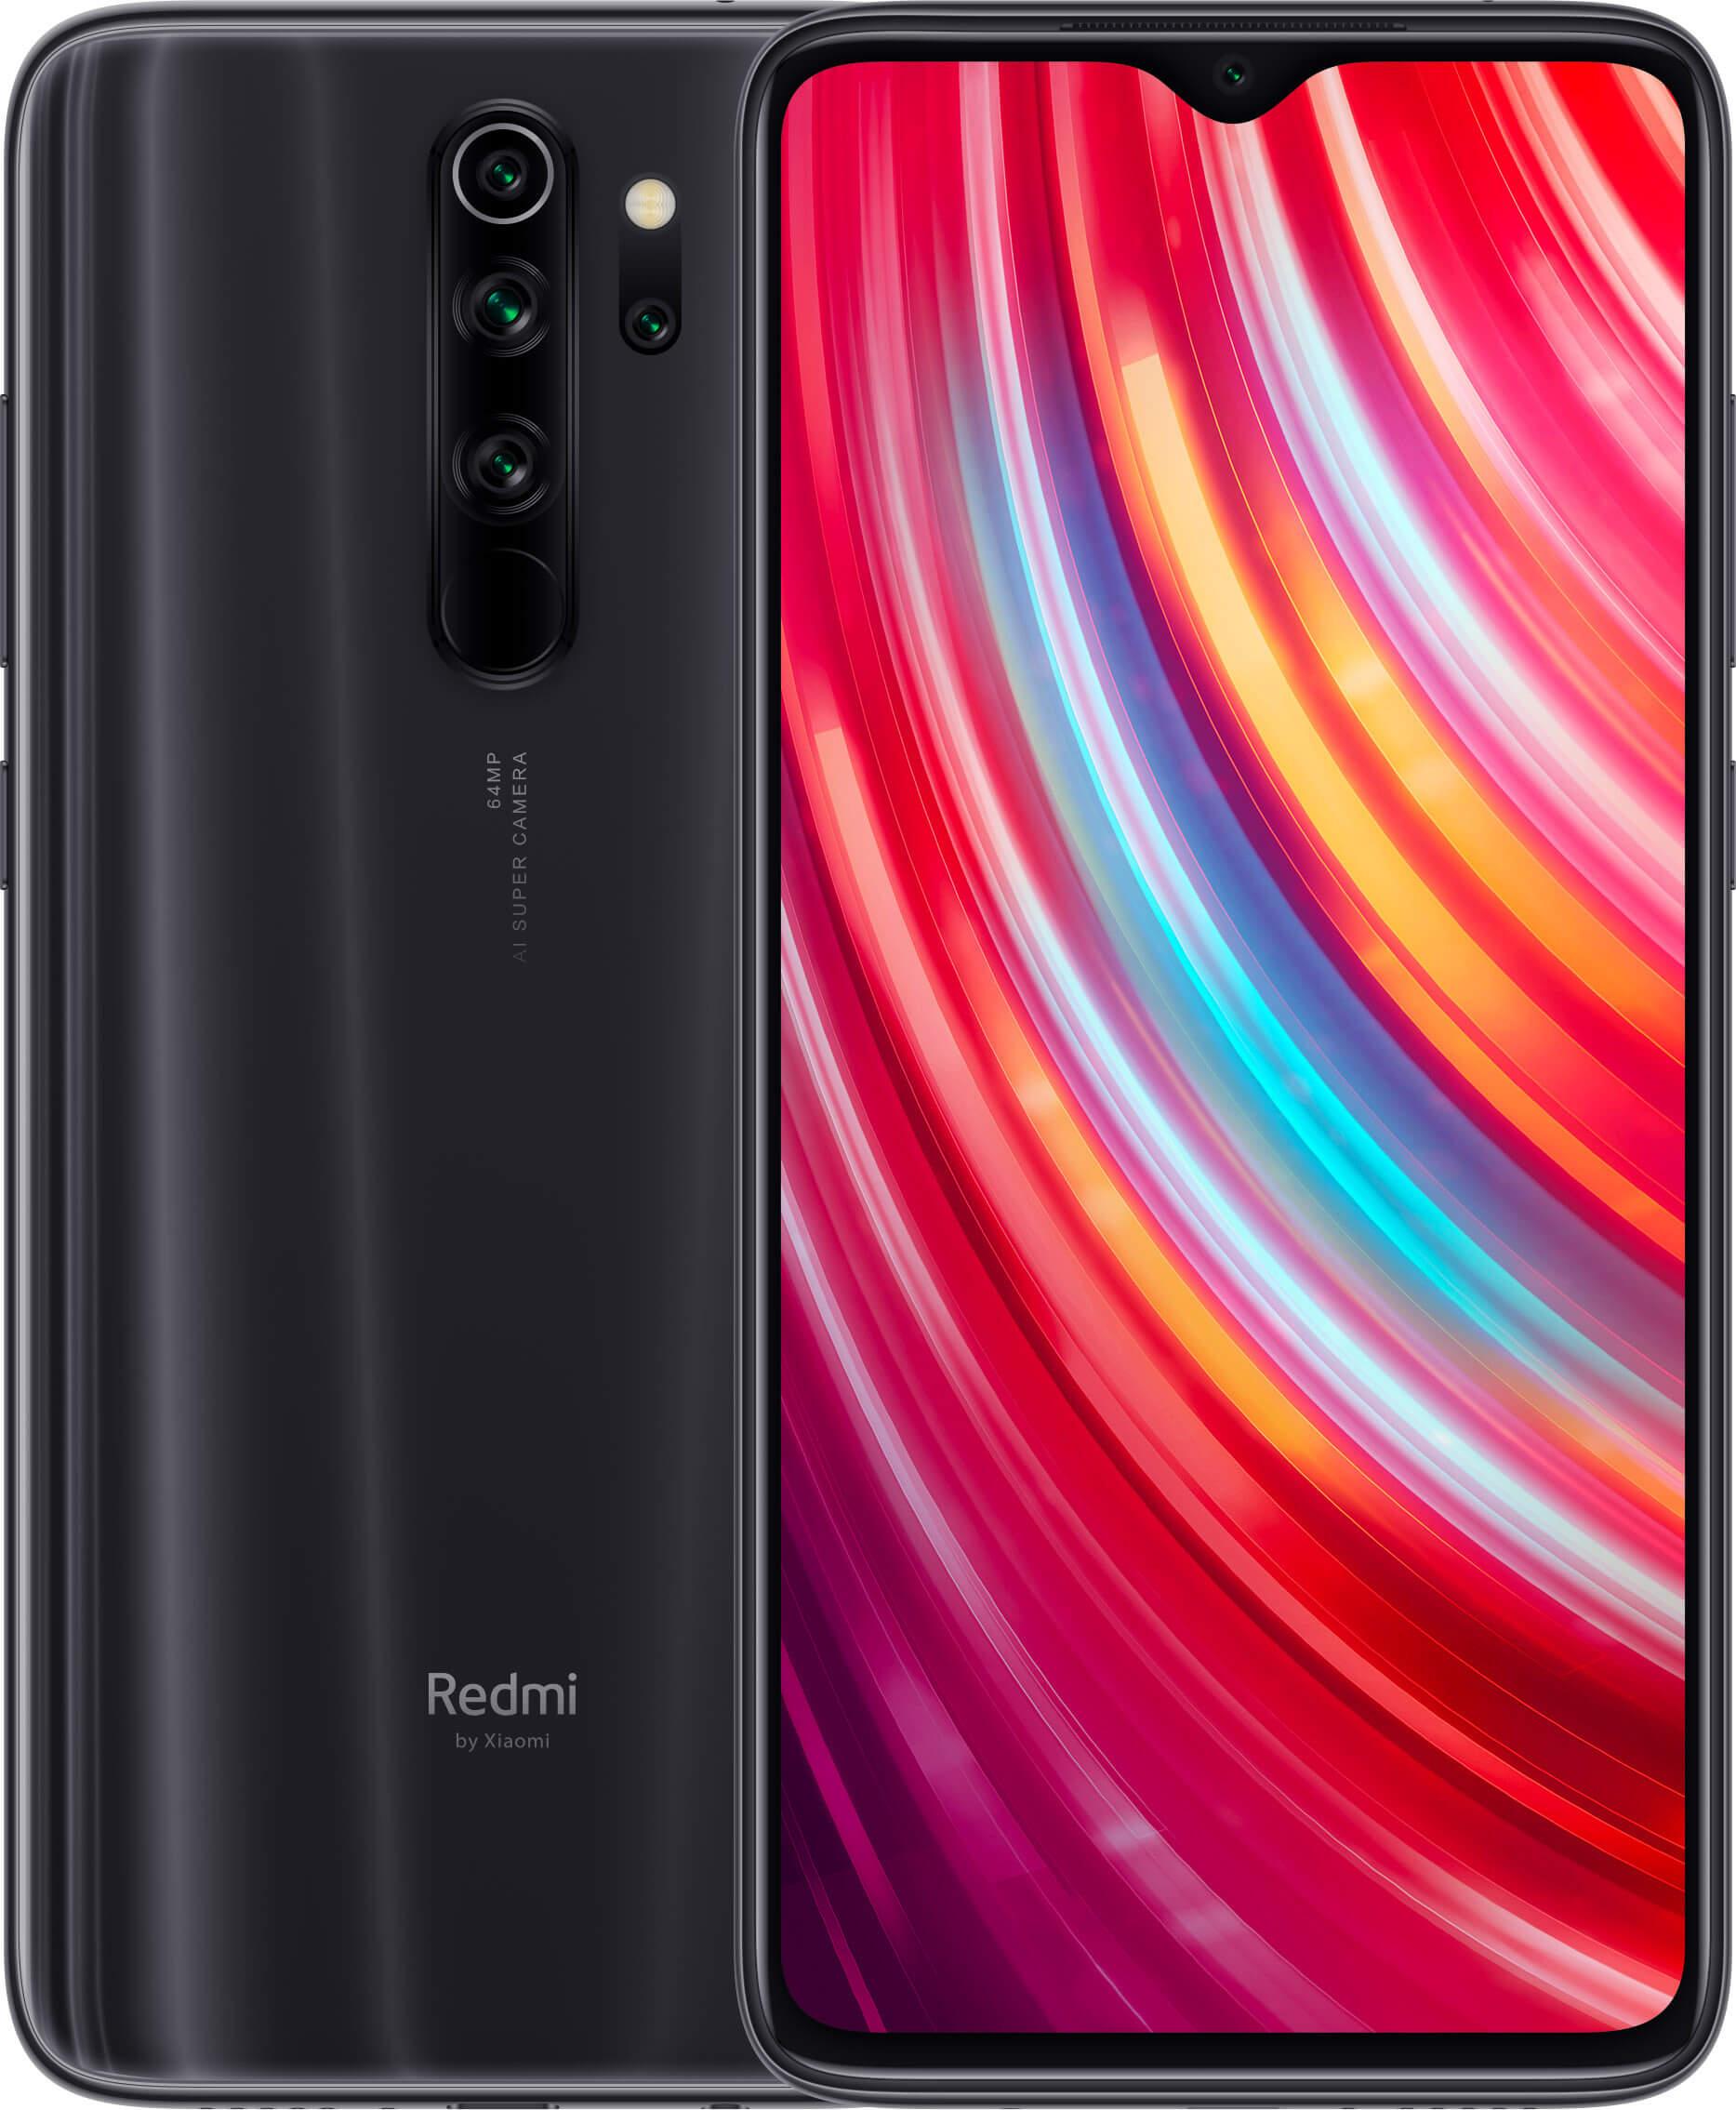 Xiaomi Redmi Note 8 PRO Dual SIM - 128GB, 8GB RAM, 4G LTE, Mineral Grey